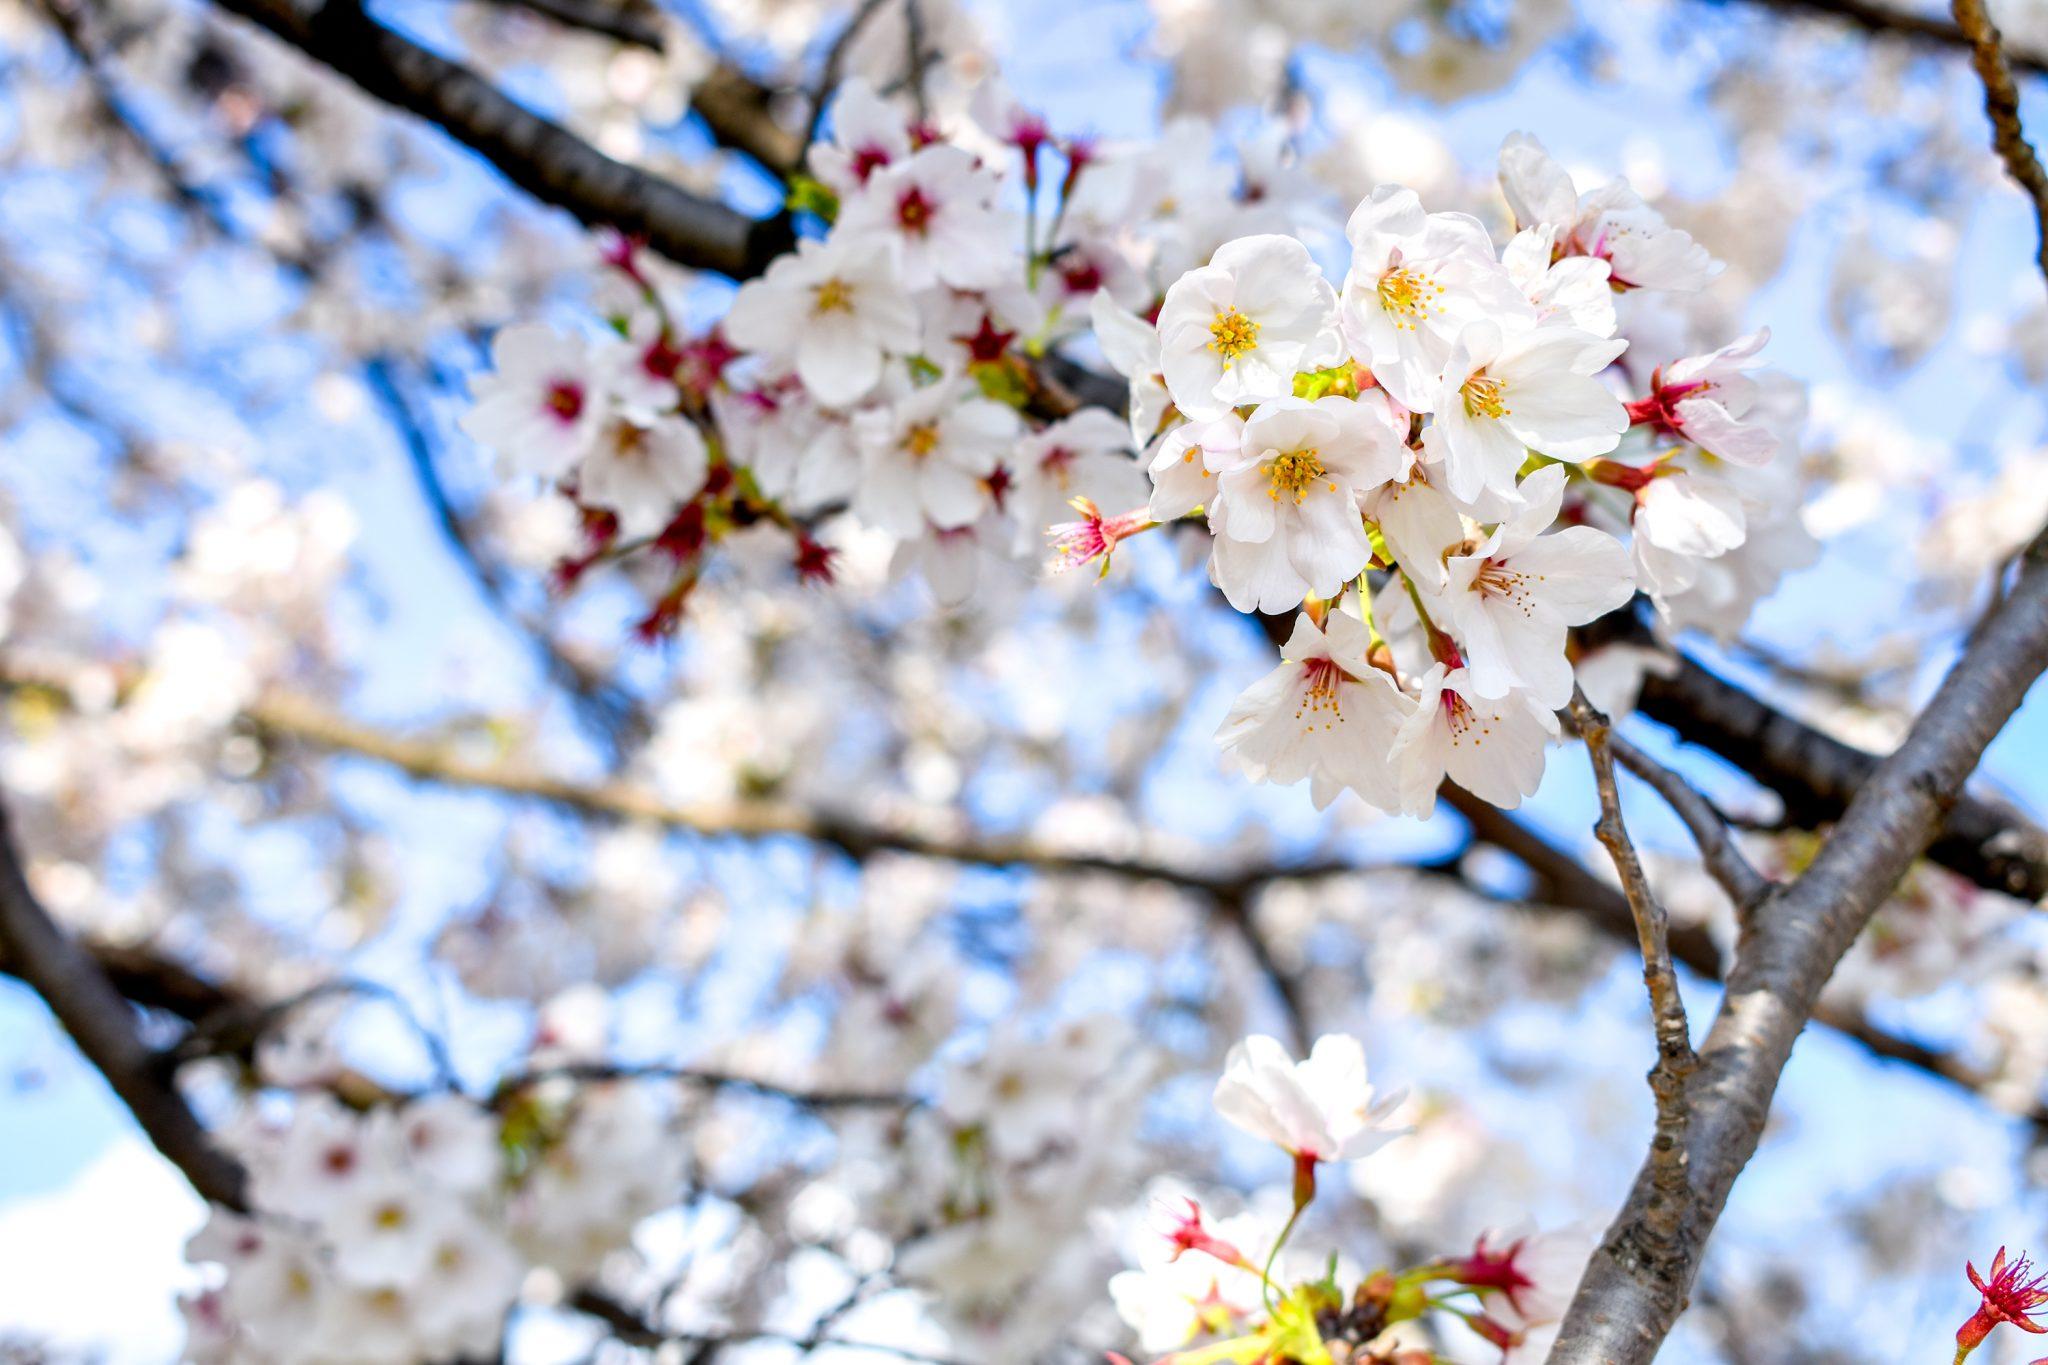 信玄堤公園の桜 写真4